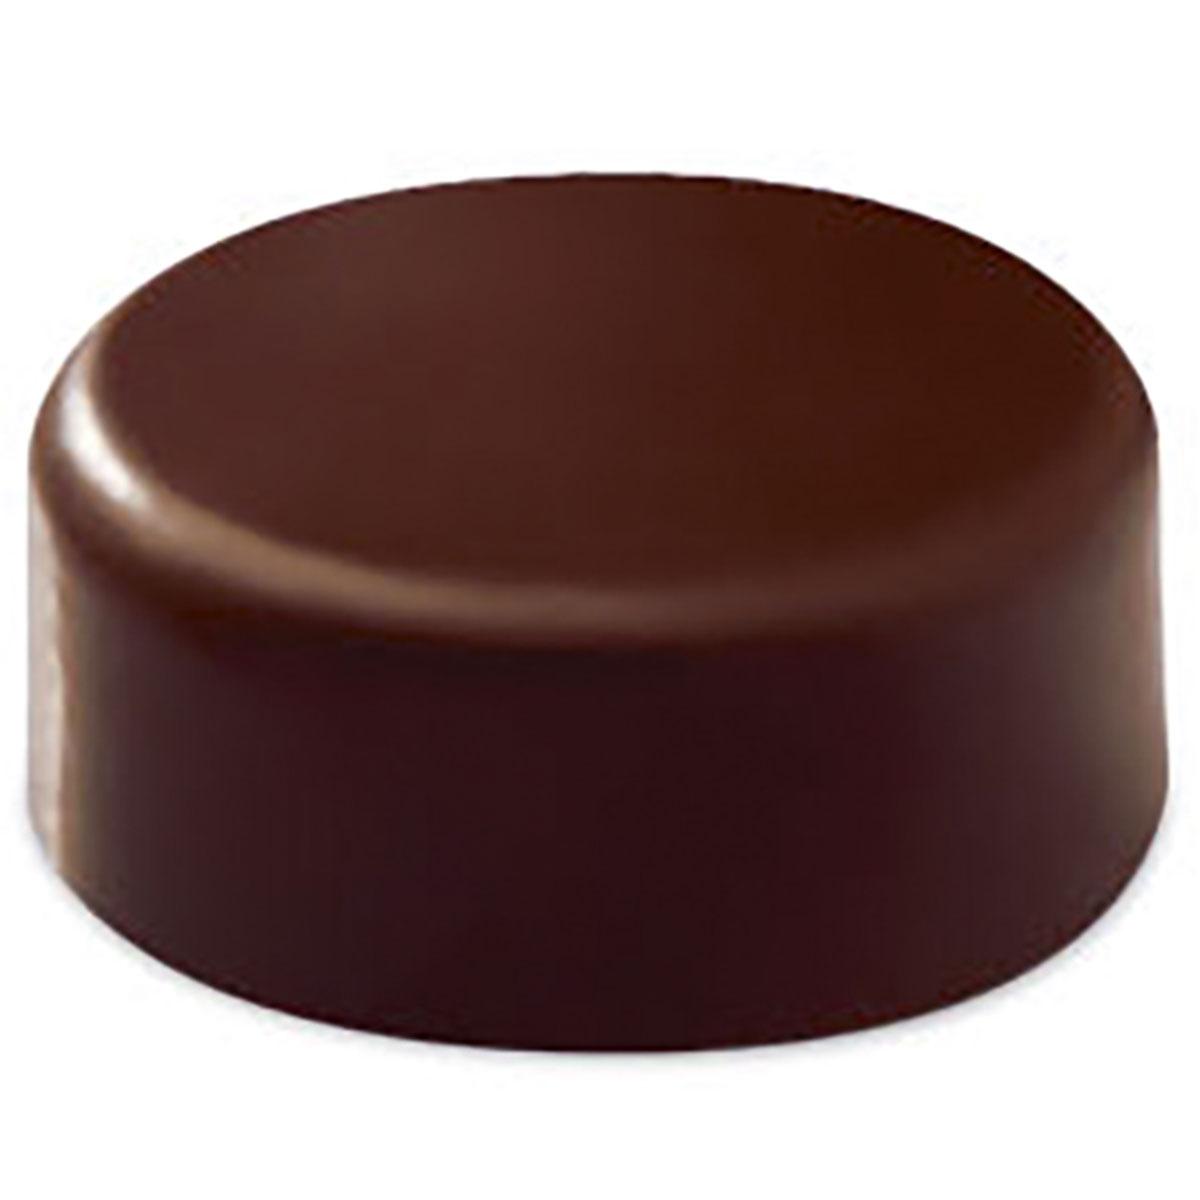 Image of   H. W. Larsen chokoladeform - Pavoni - Model 8PC113